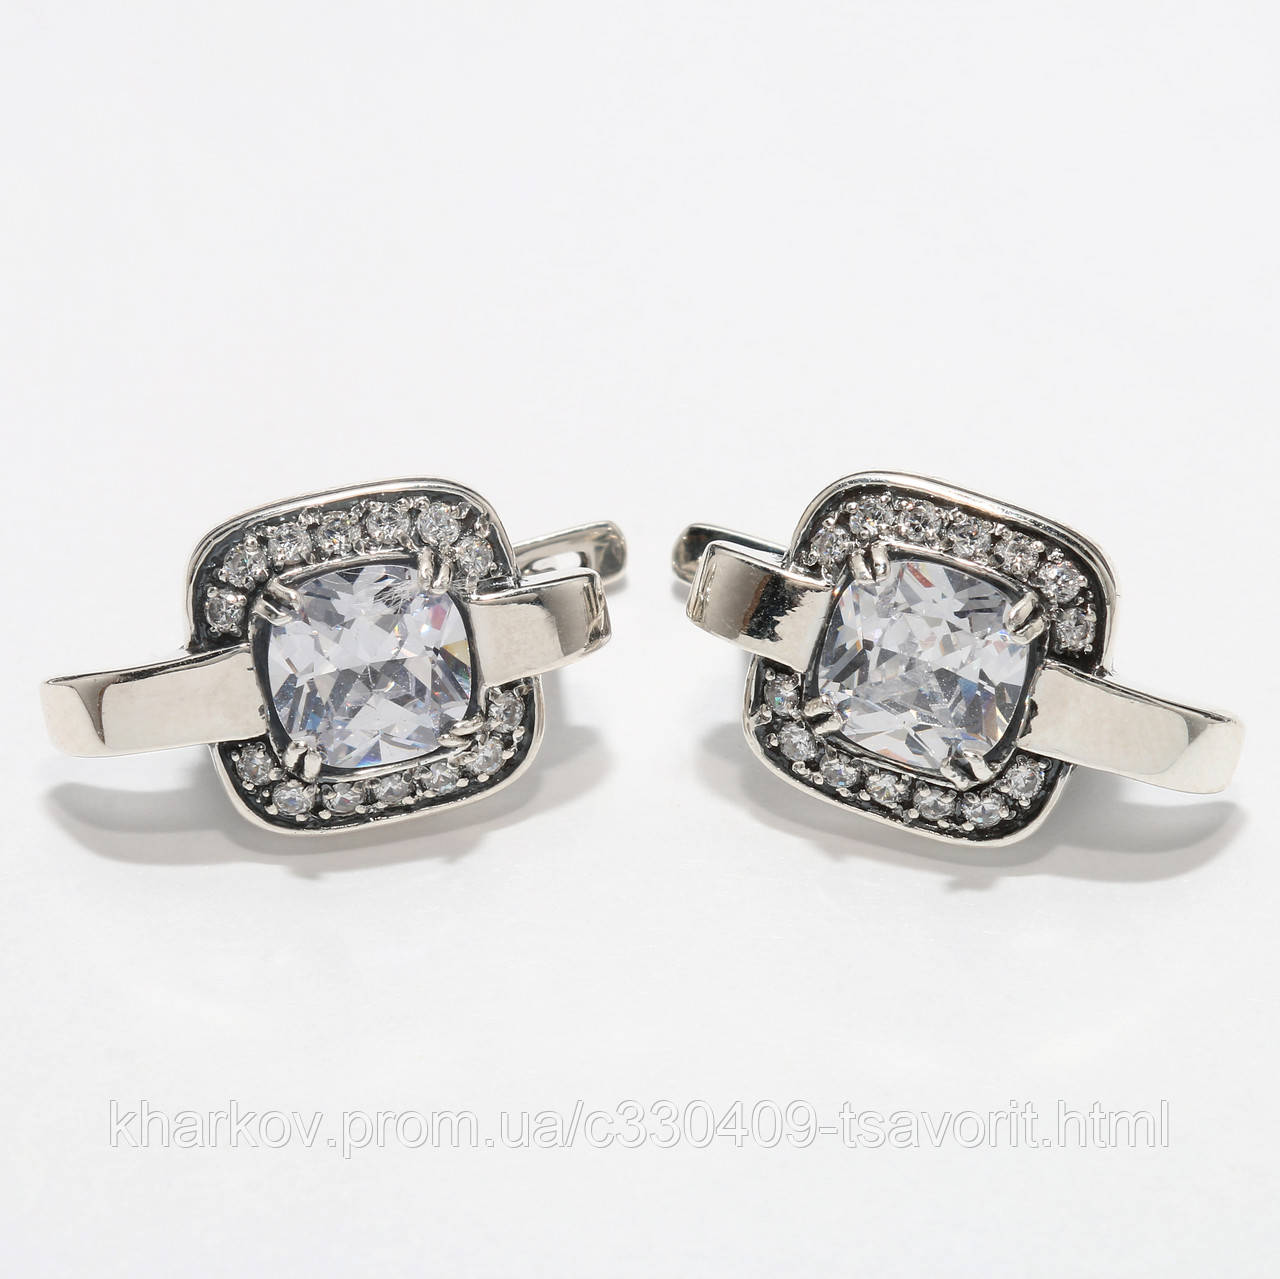 Серебряные серьги 1112916